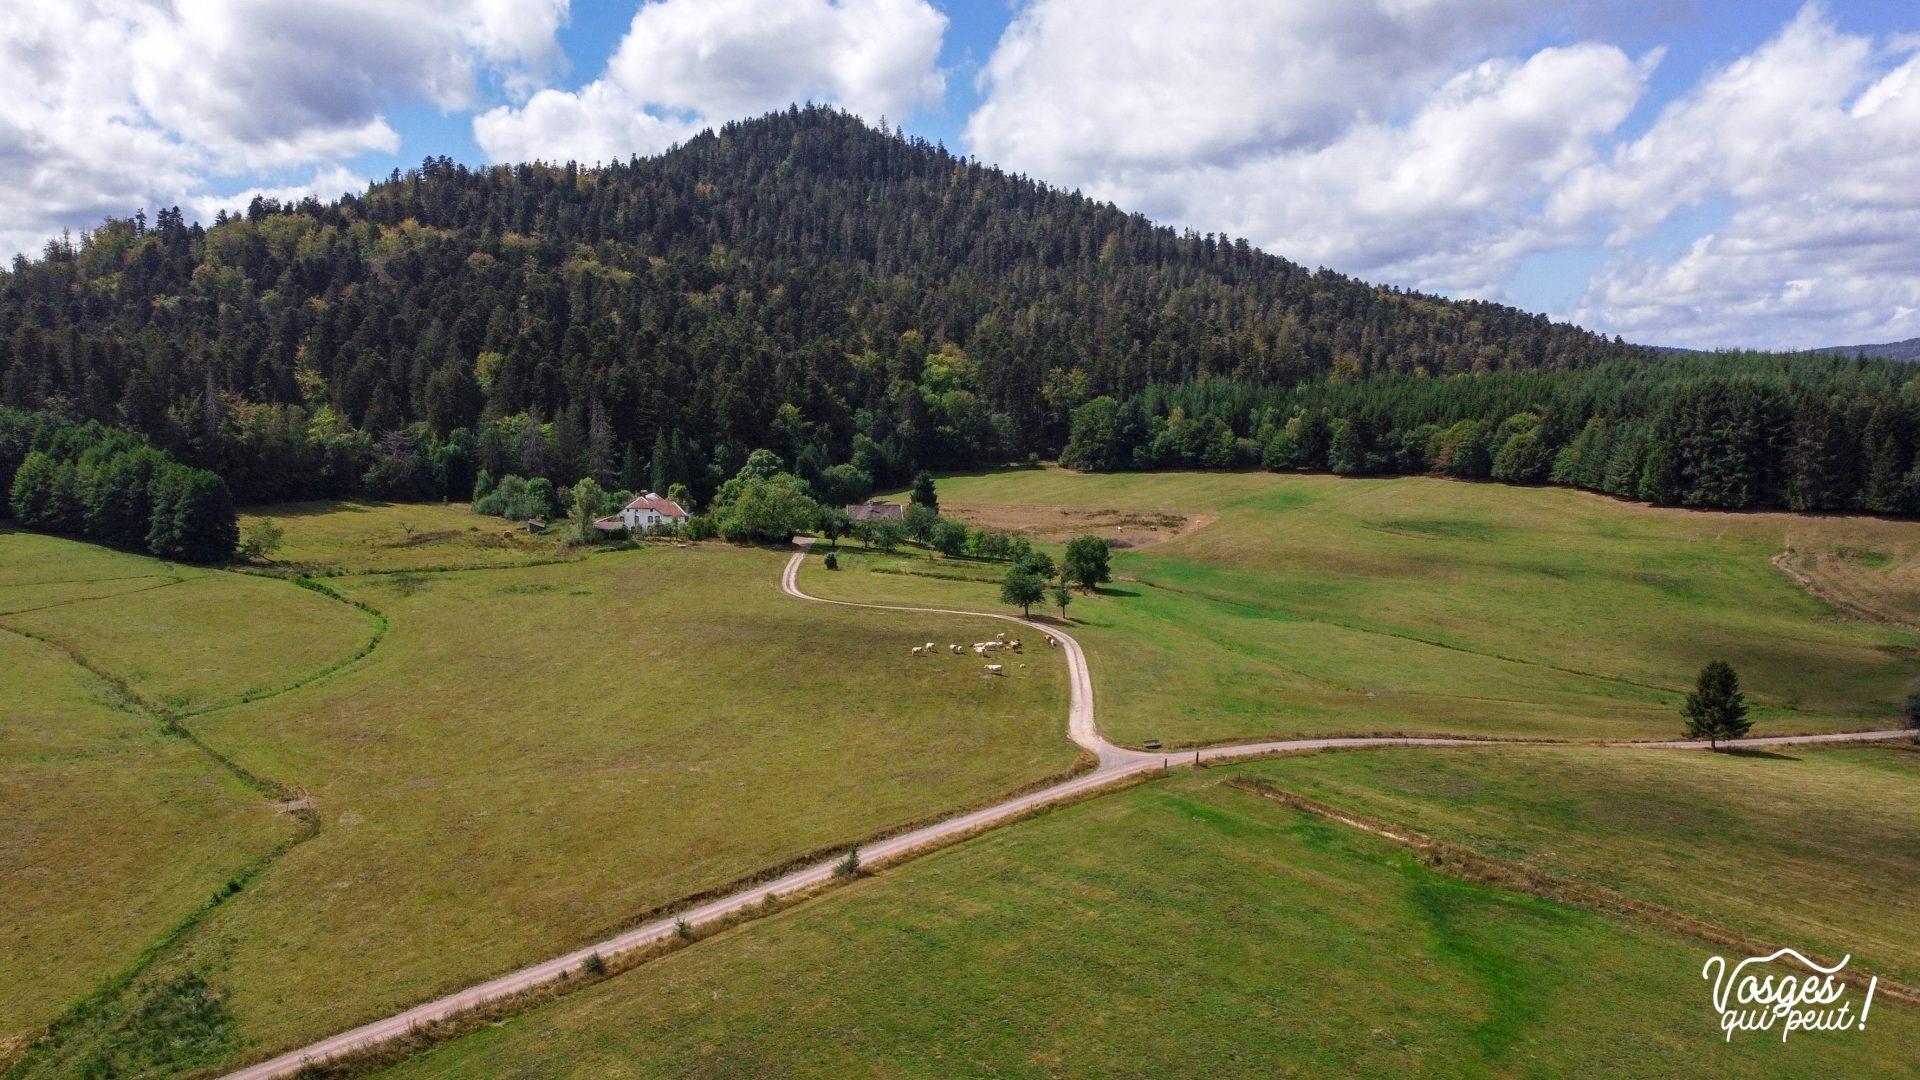 La clairière du Hang dans la vallée de la Bruche, massif des Vosges